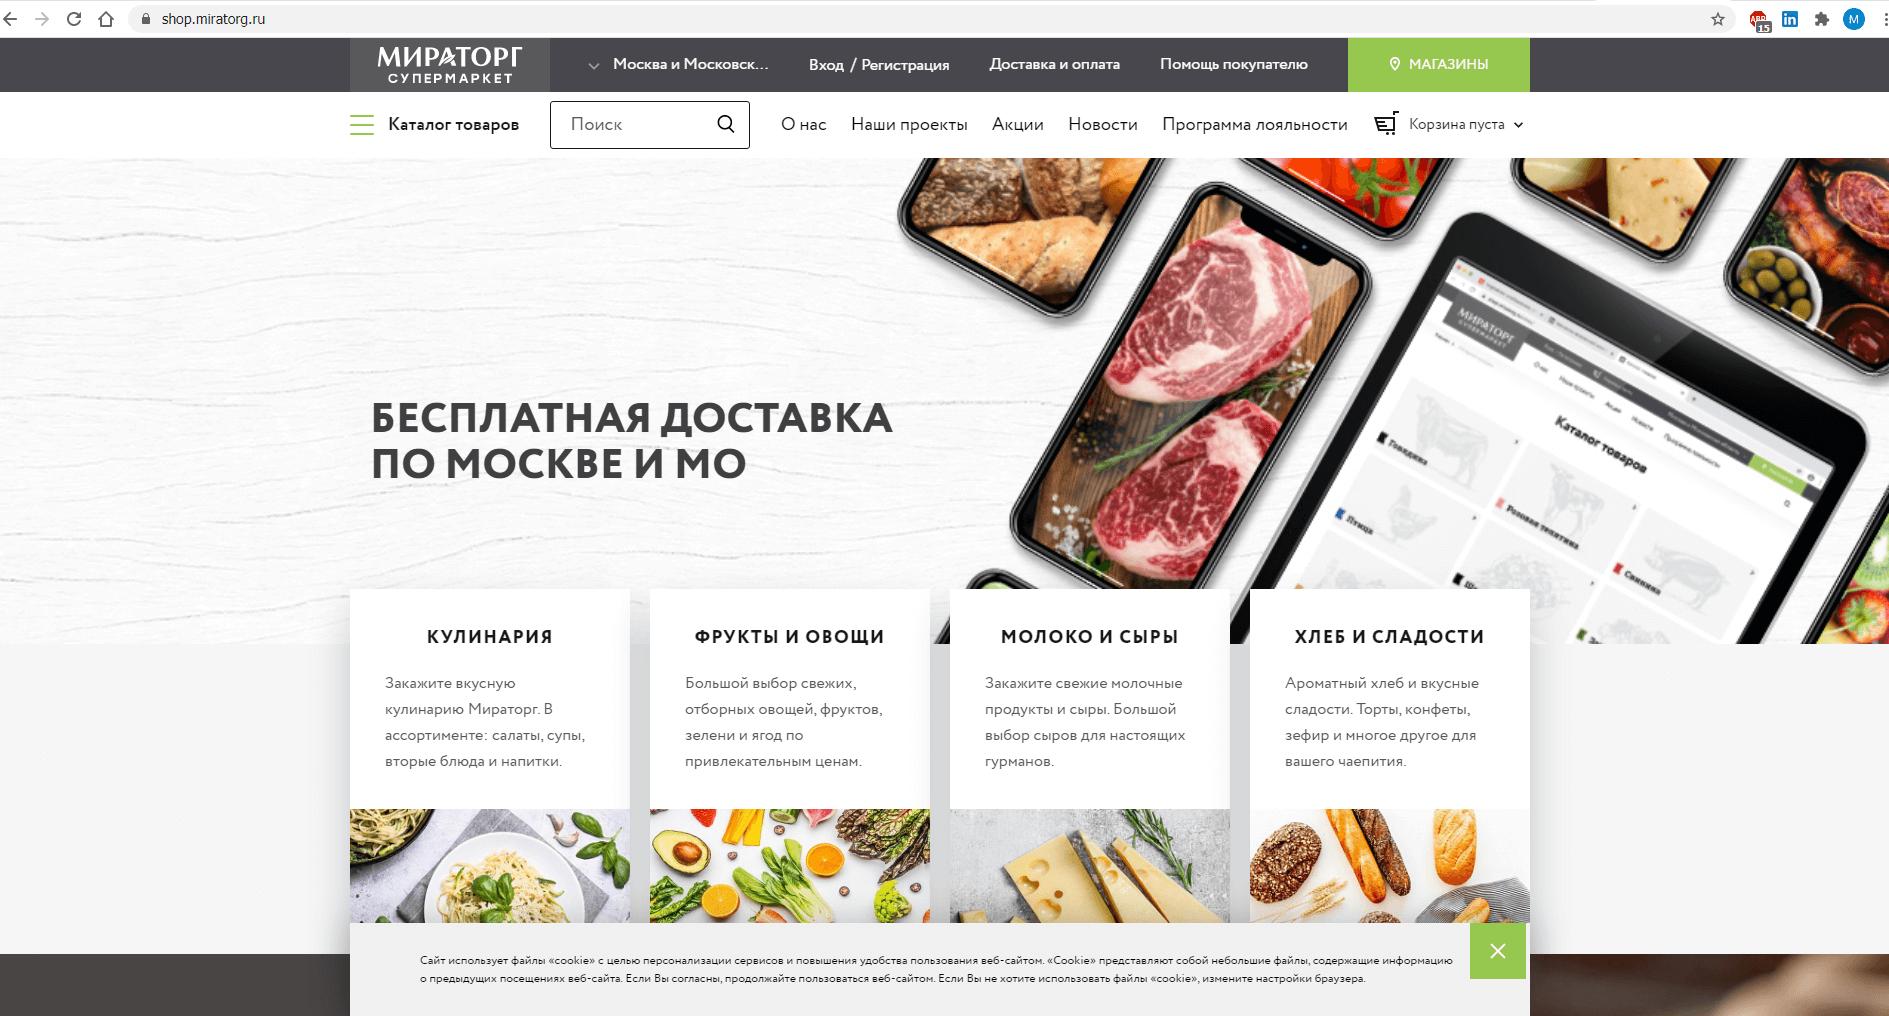 shop.miratorg.ru website